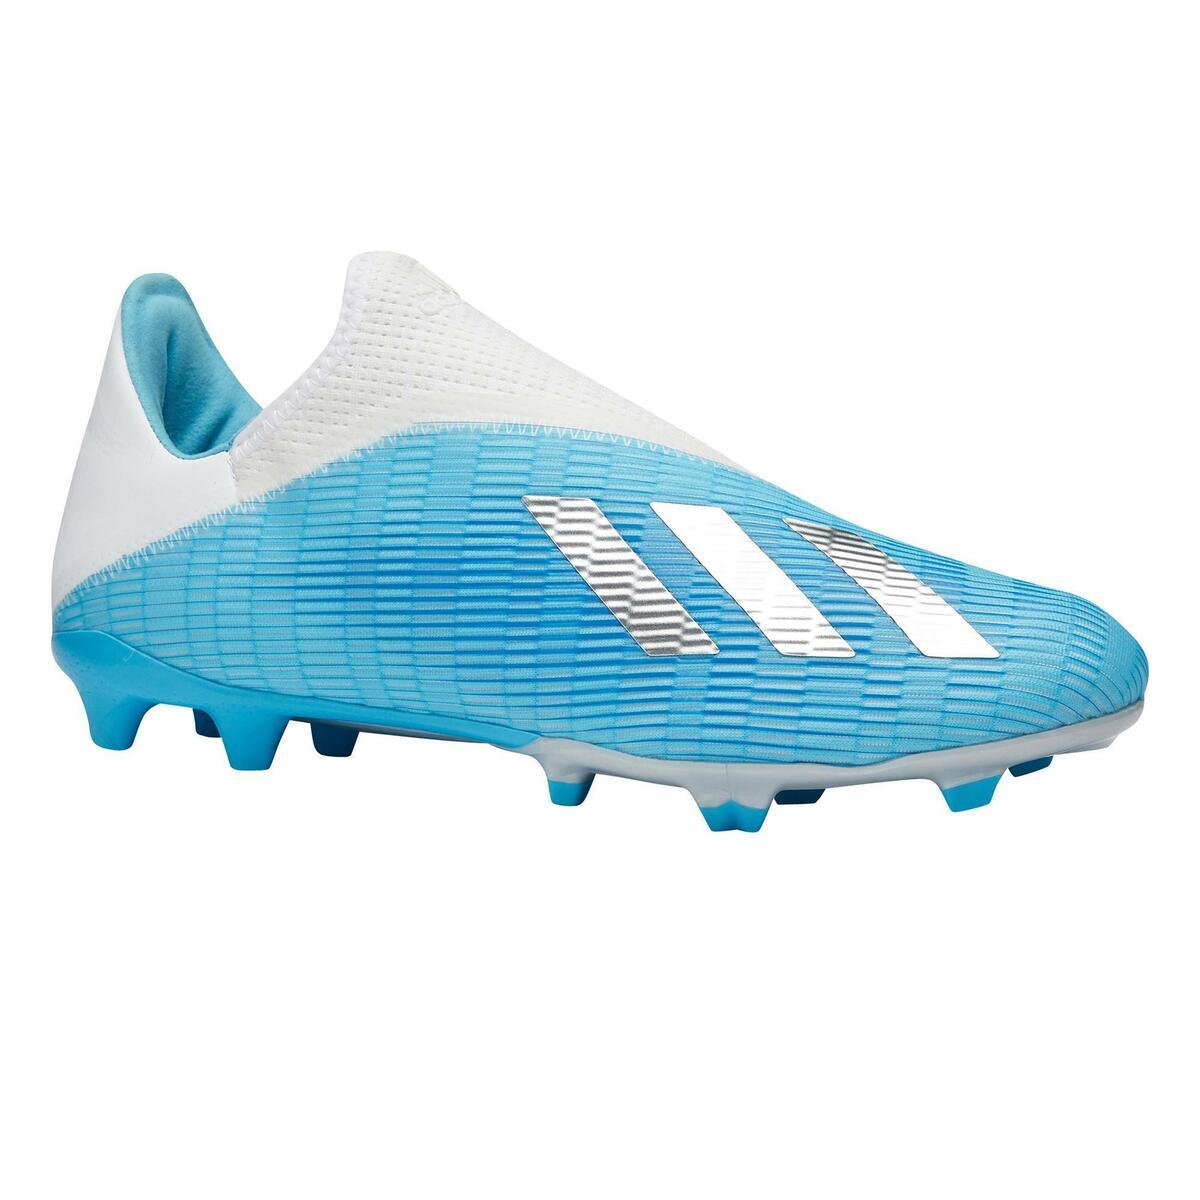 Bild 1 von Fussballschuhe Nocken X 19.3 Laceless FG Erwachsene blau